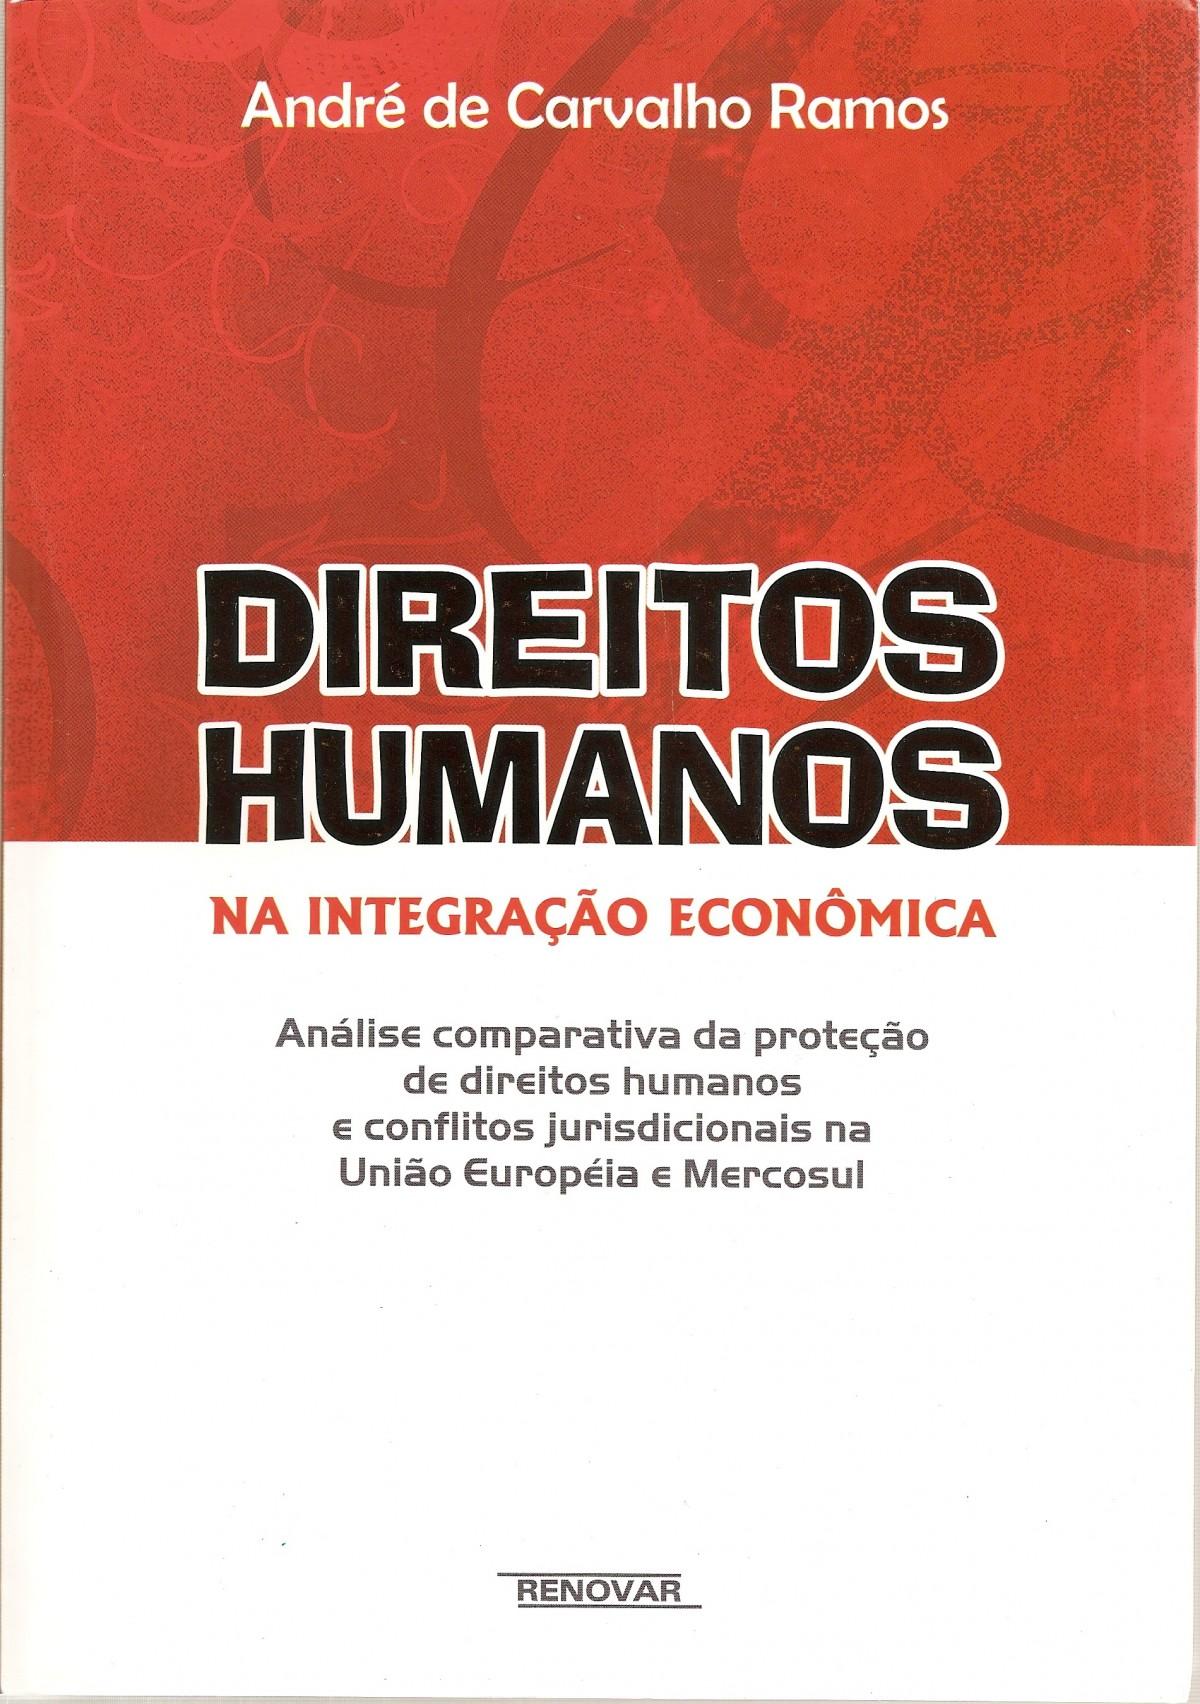 Foto 1 - Direitos Humanos na Integração Econômica